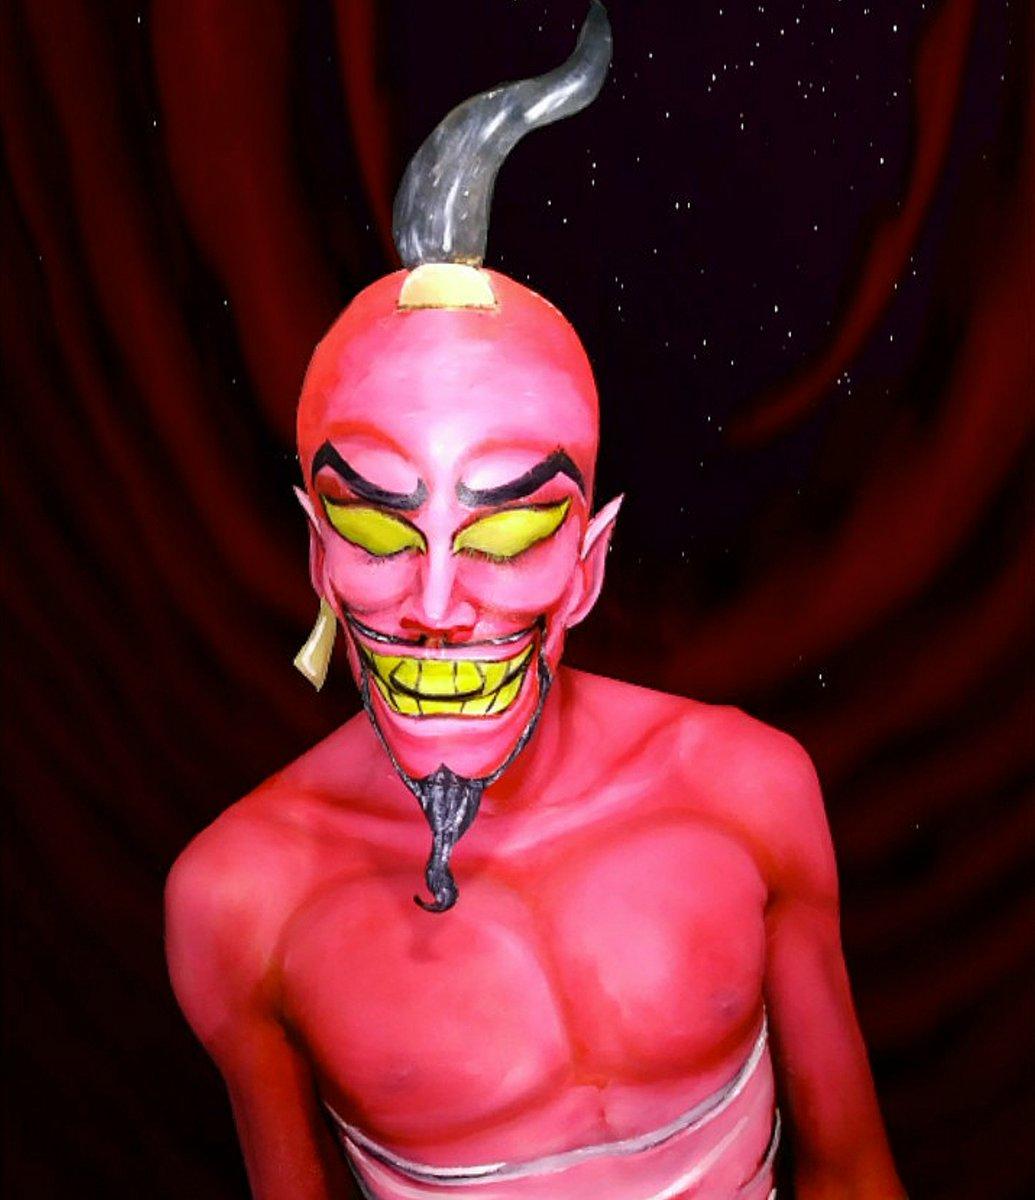 Disneyaladdin Disney Aladdin Jafar